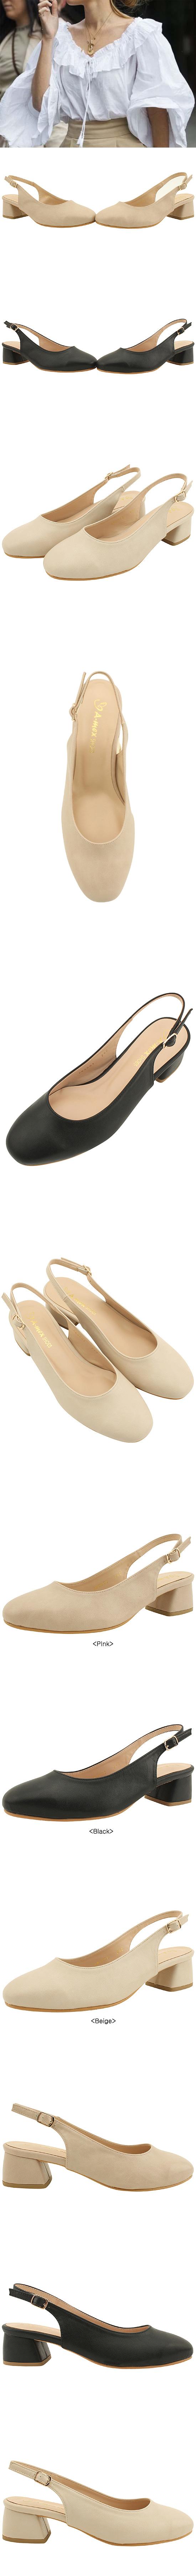 Simple Sling Bag Full Heel Middle Heel 5cm Pink